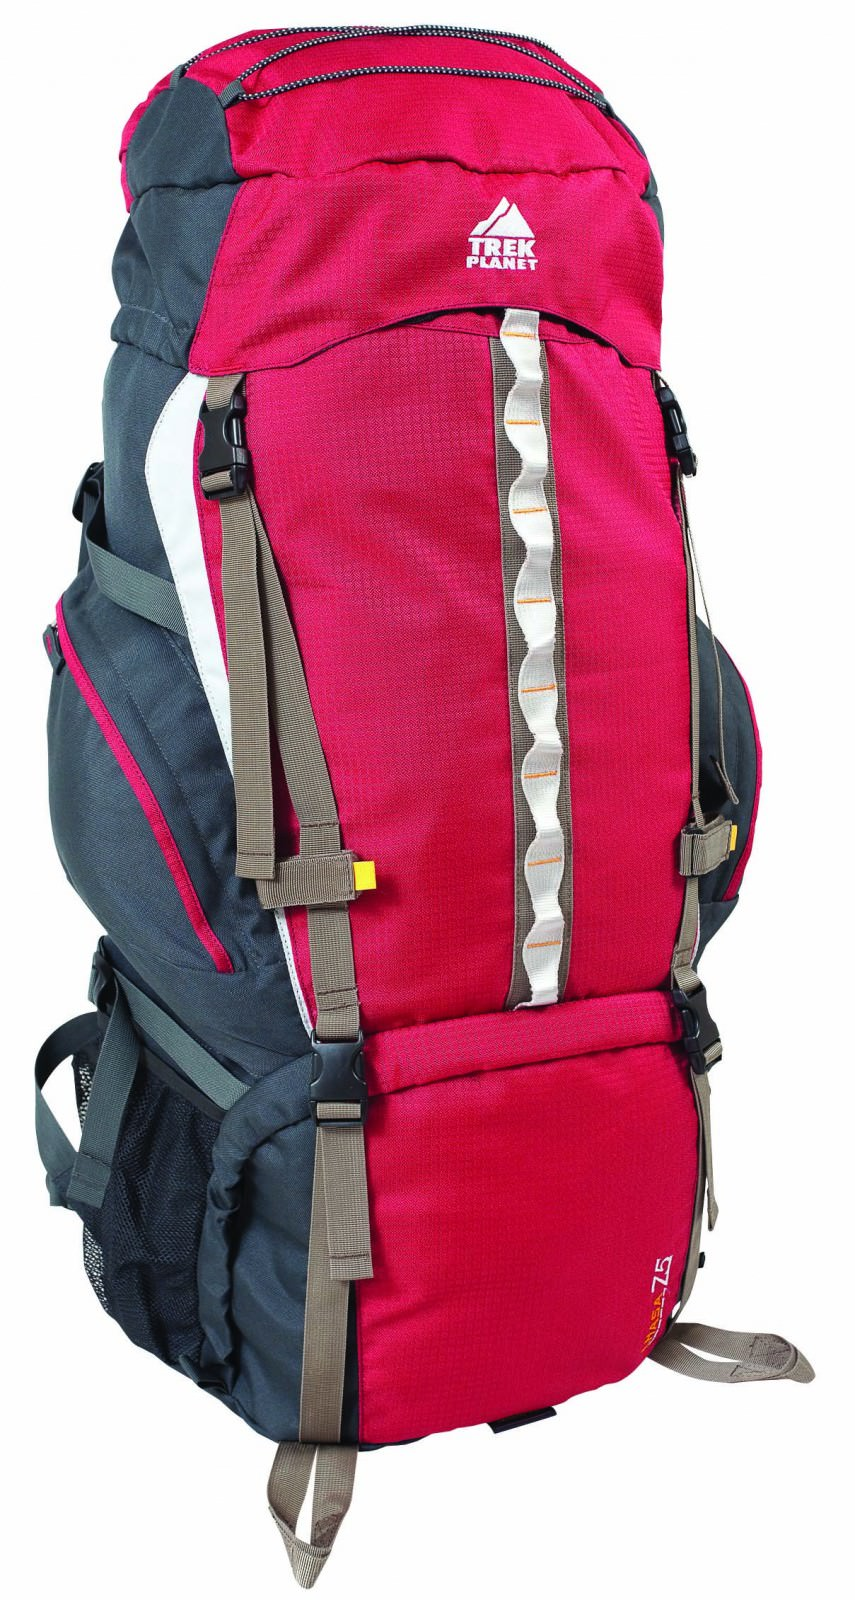 Рюкзак TREK PLANET Kailash 75Рюкзаки<br>Технические детали:<br>Трекинговые рюкзаки с многофункциональной навеской для снаряжения и дополнительным входом в нижнее отделение.<br>Анатомическая вентилируемая спина и лямки рюкзака с регулировкой по размеру, обеспечивают комфортное прилегание к спине и н...<br>